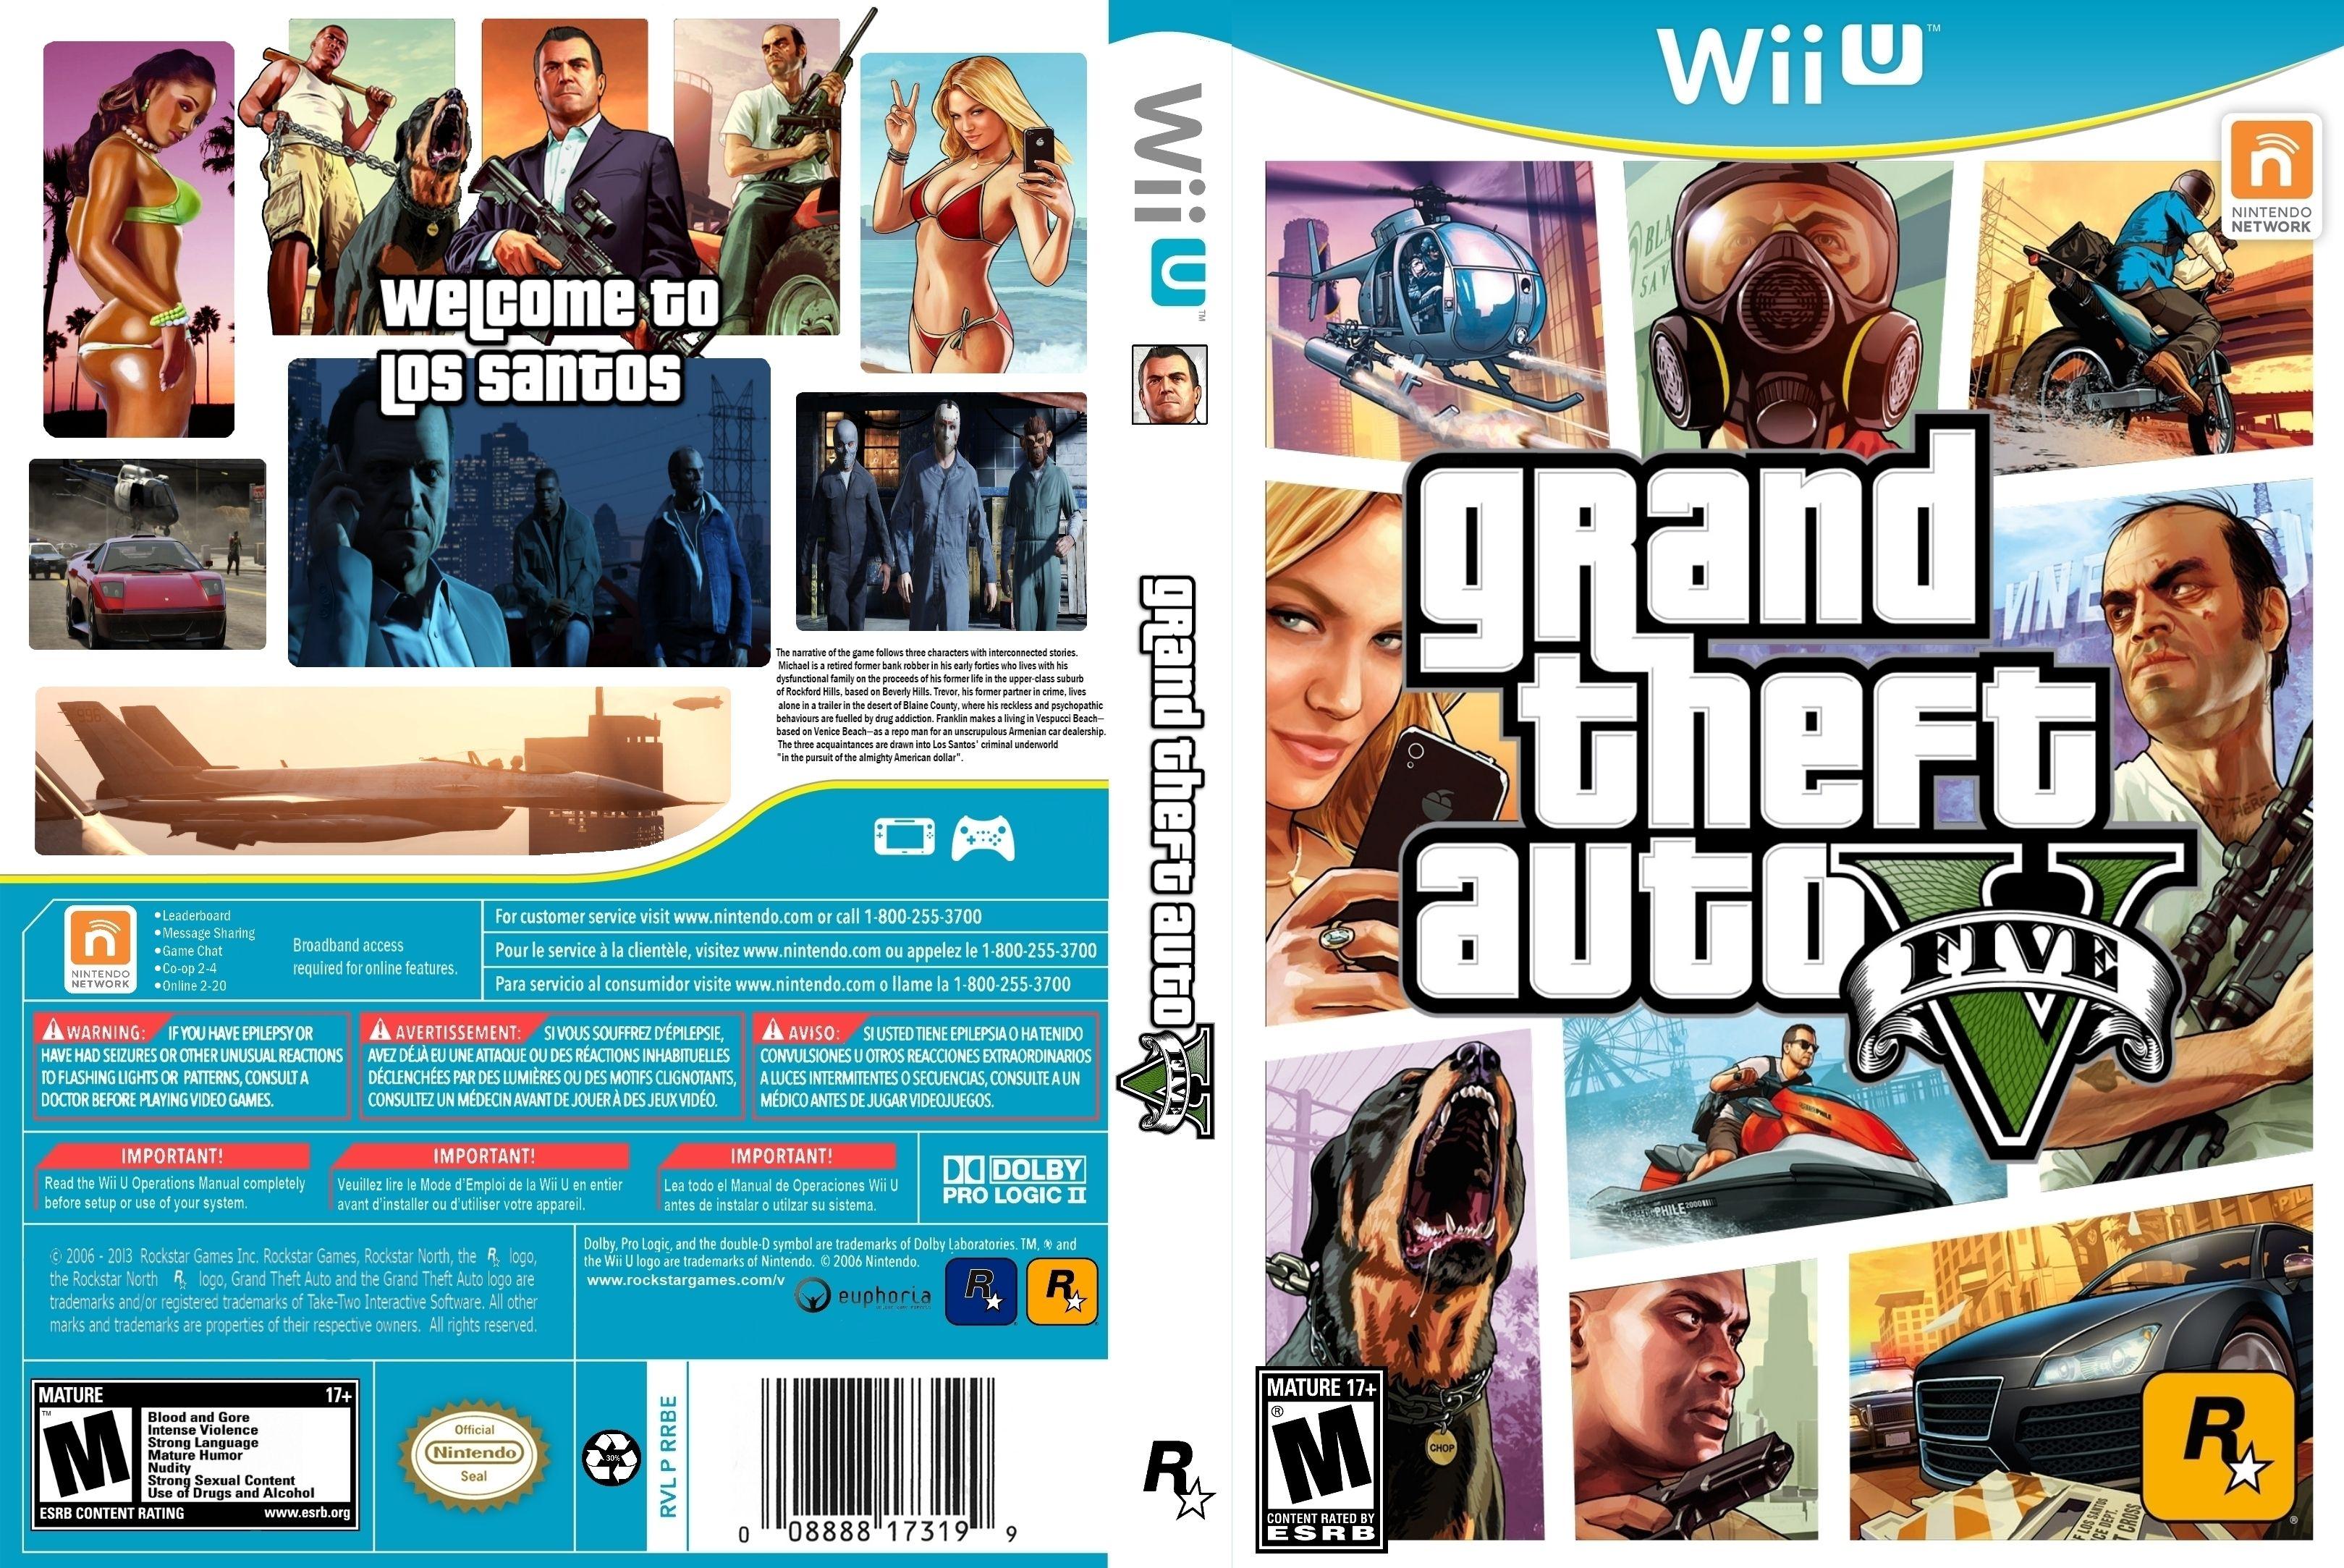 ba46f53b5f8ac4 GTA 5 Wii U Cover Art by Sen-goku.deviantart.com on  deviantART ...